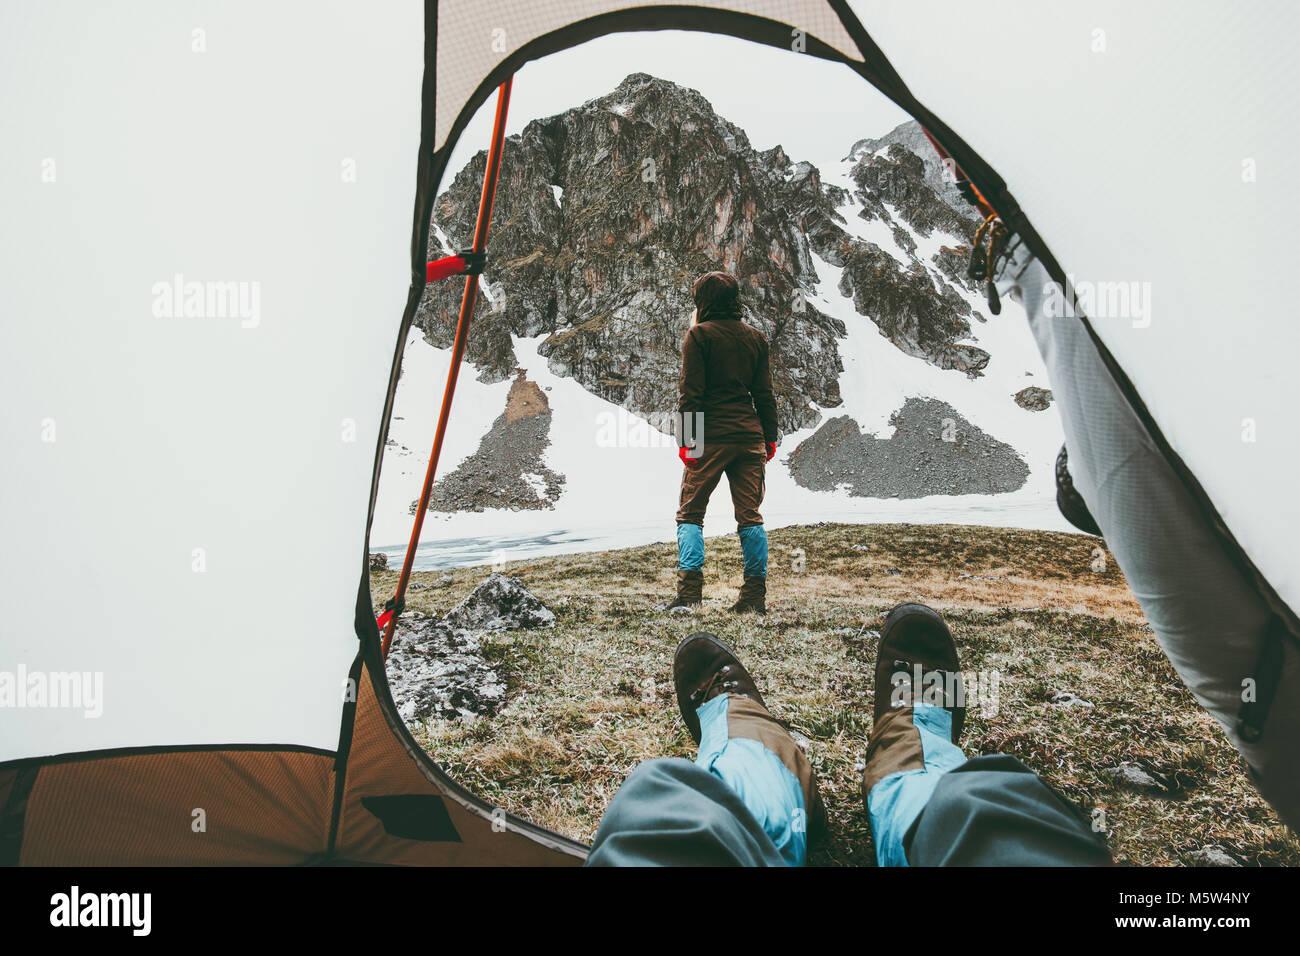 Camping viaje par ver la carpa de entrada mujer caminando en las montañas hombre pies relajante dentro del Imagen De Stock